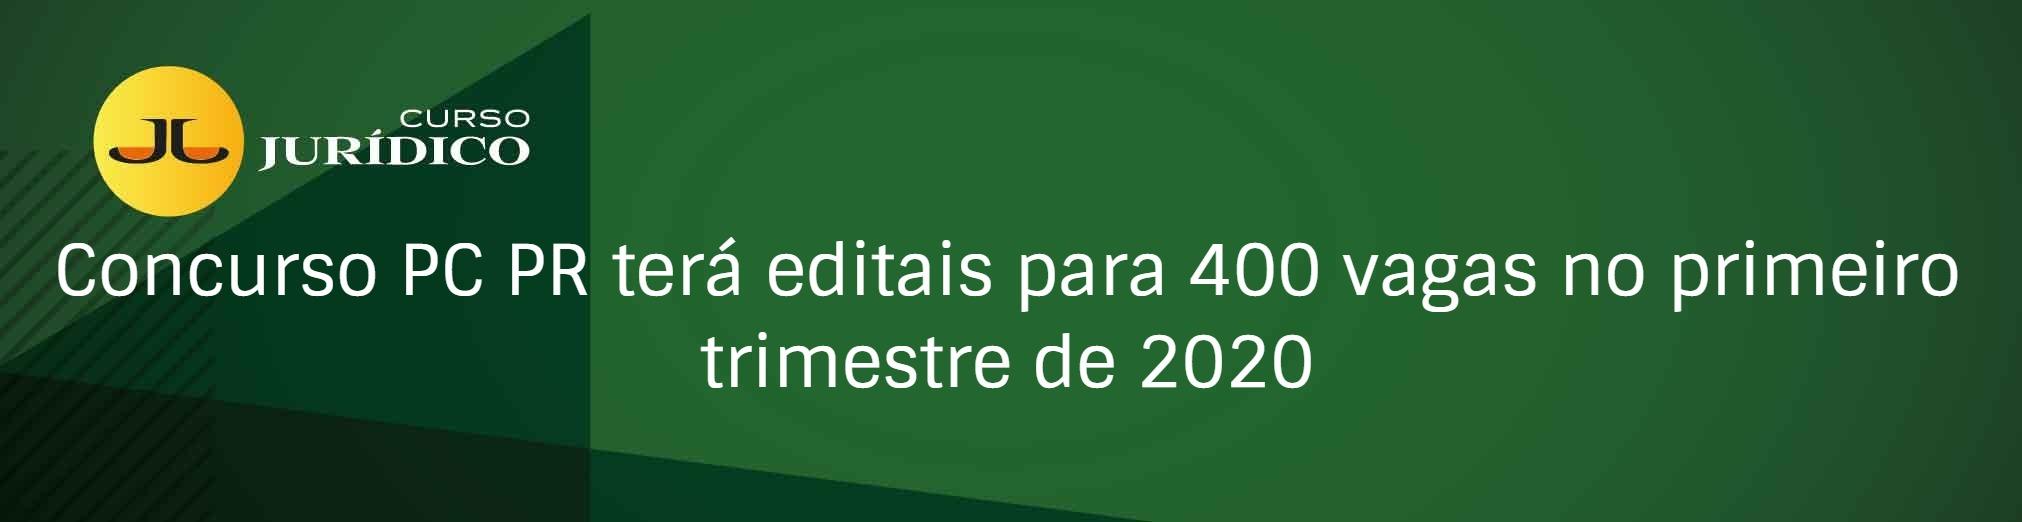 Concurso PC PR terá editais para 400 vagas no primeiro trimestre de 2020